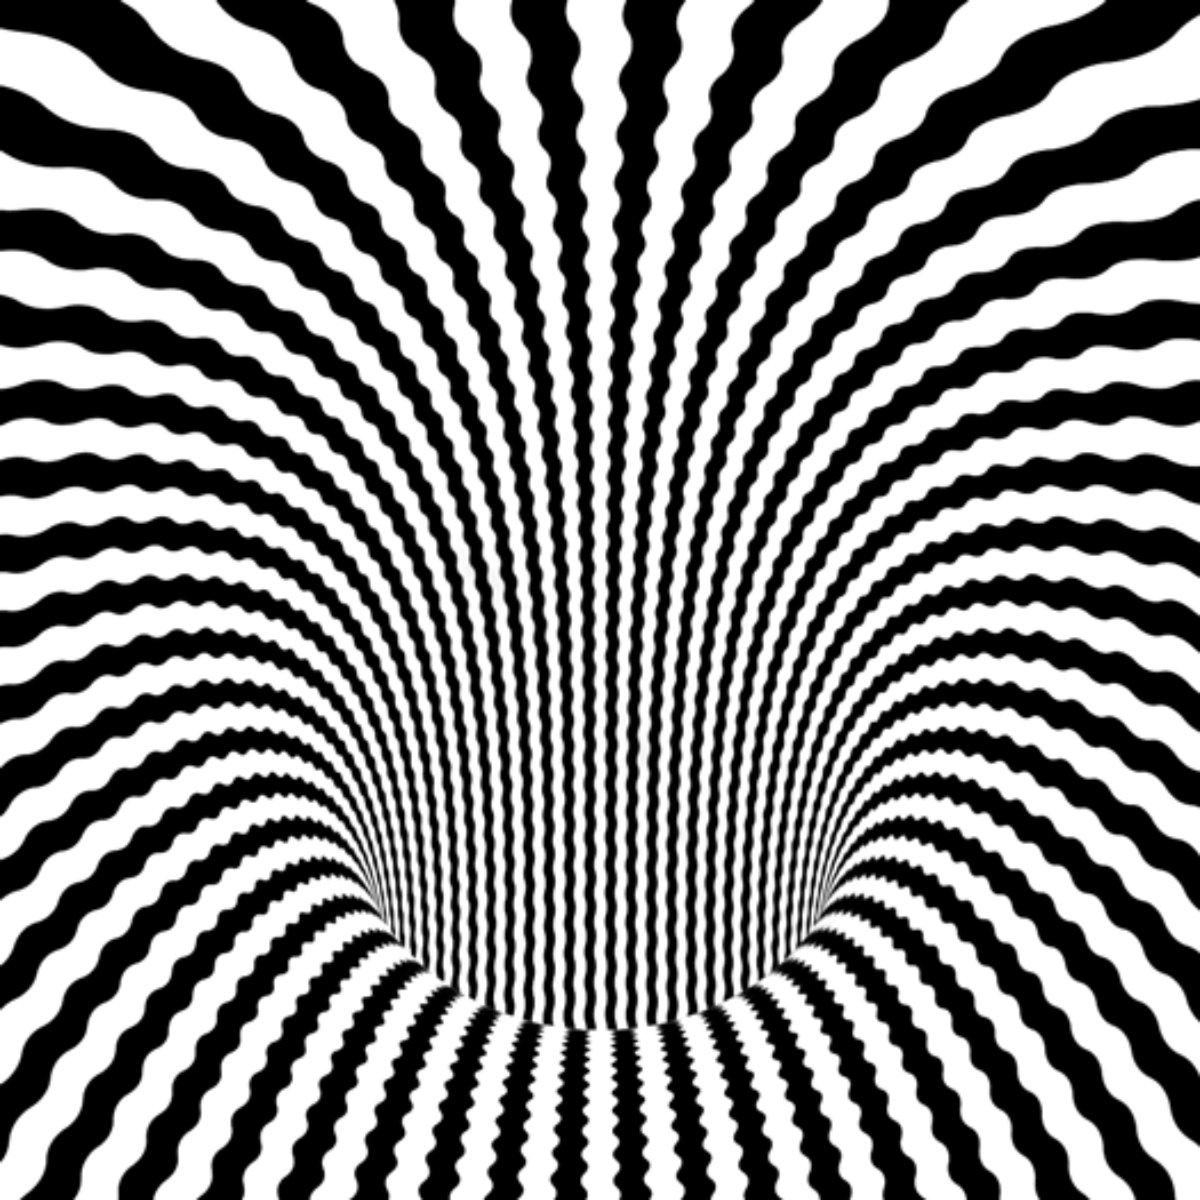 очки картинки оптические иллюзии кому надо, меня